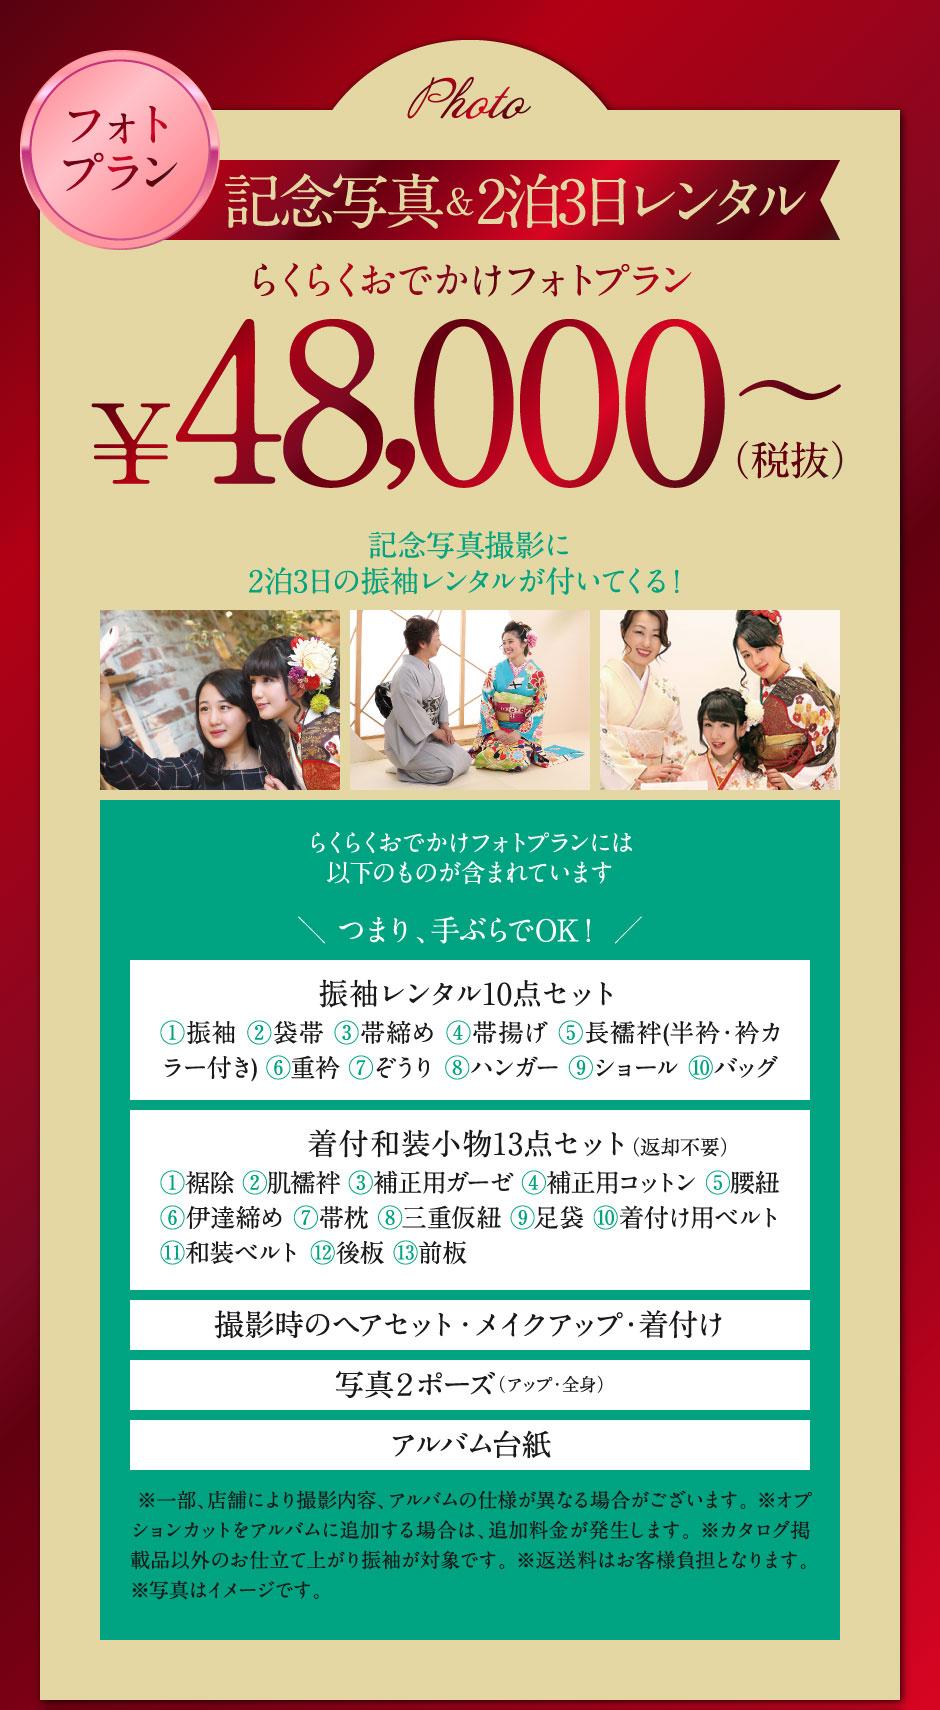 前撮り,記念写真と2泊3日レンタルが¥48,000税抜